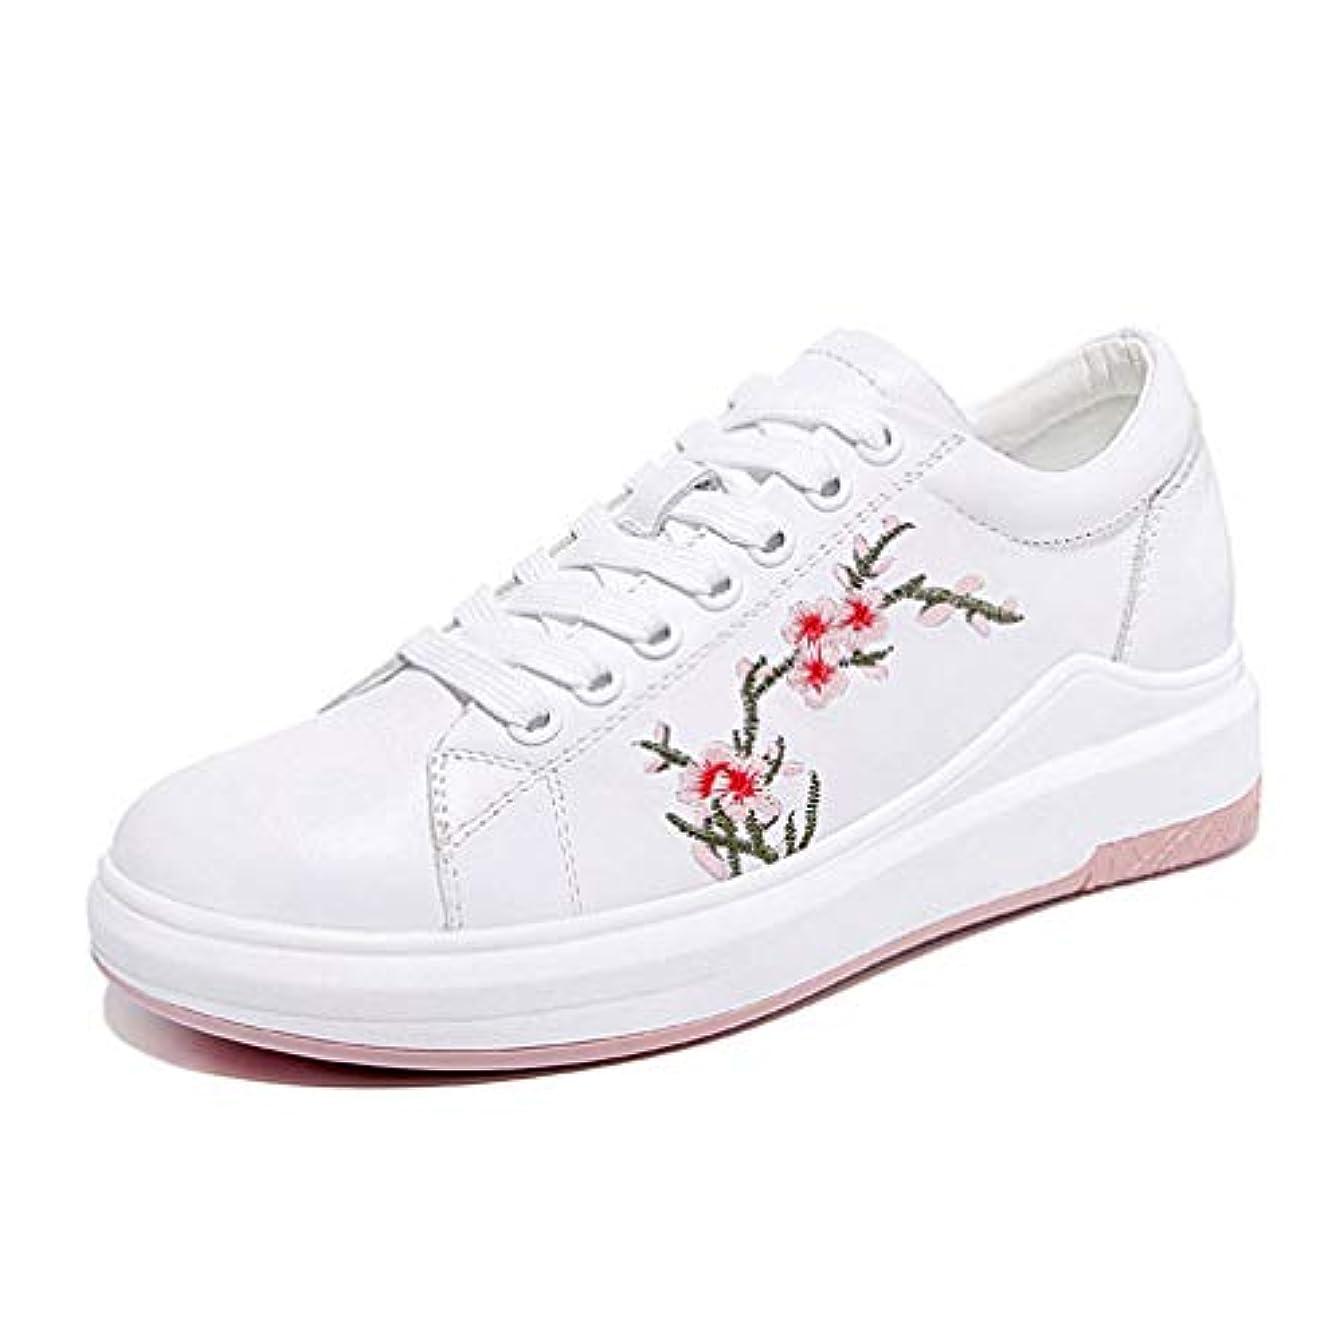 徐々に中間推進2018年女性用靴レザースニーカーデッキシューズ通気性フラットボトムストラップ刺繍カジュアルシューズブラックホワイト,White,36